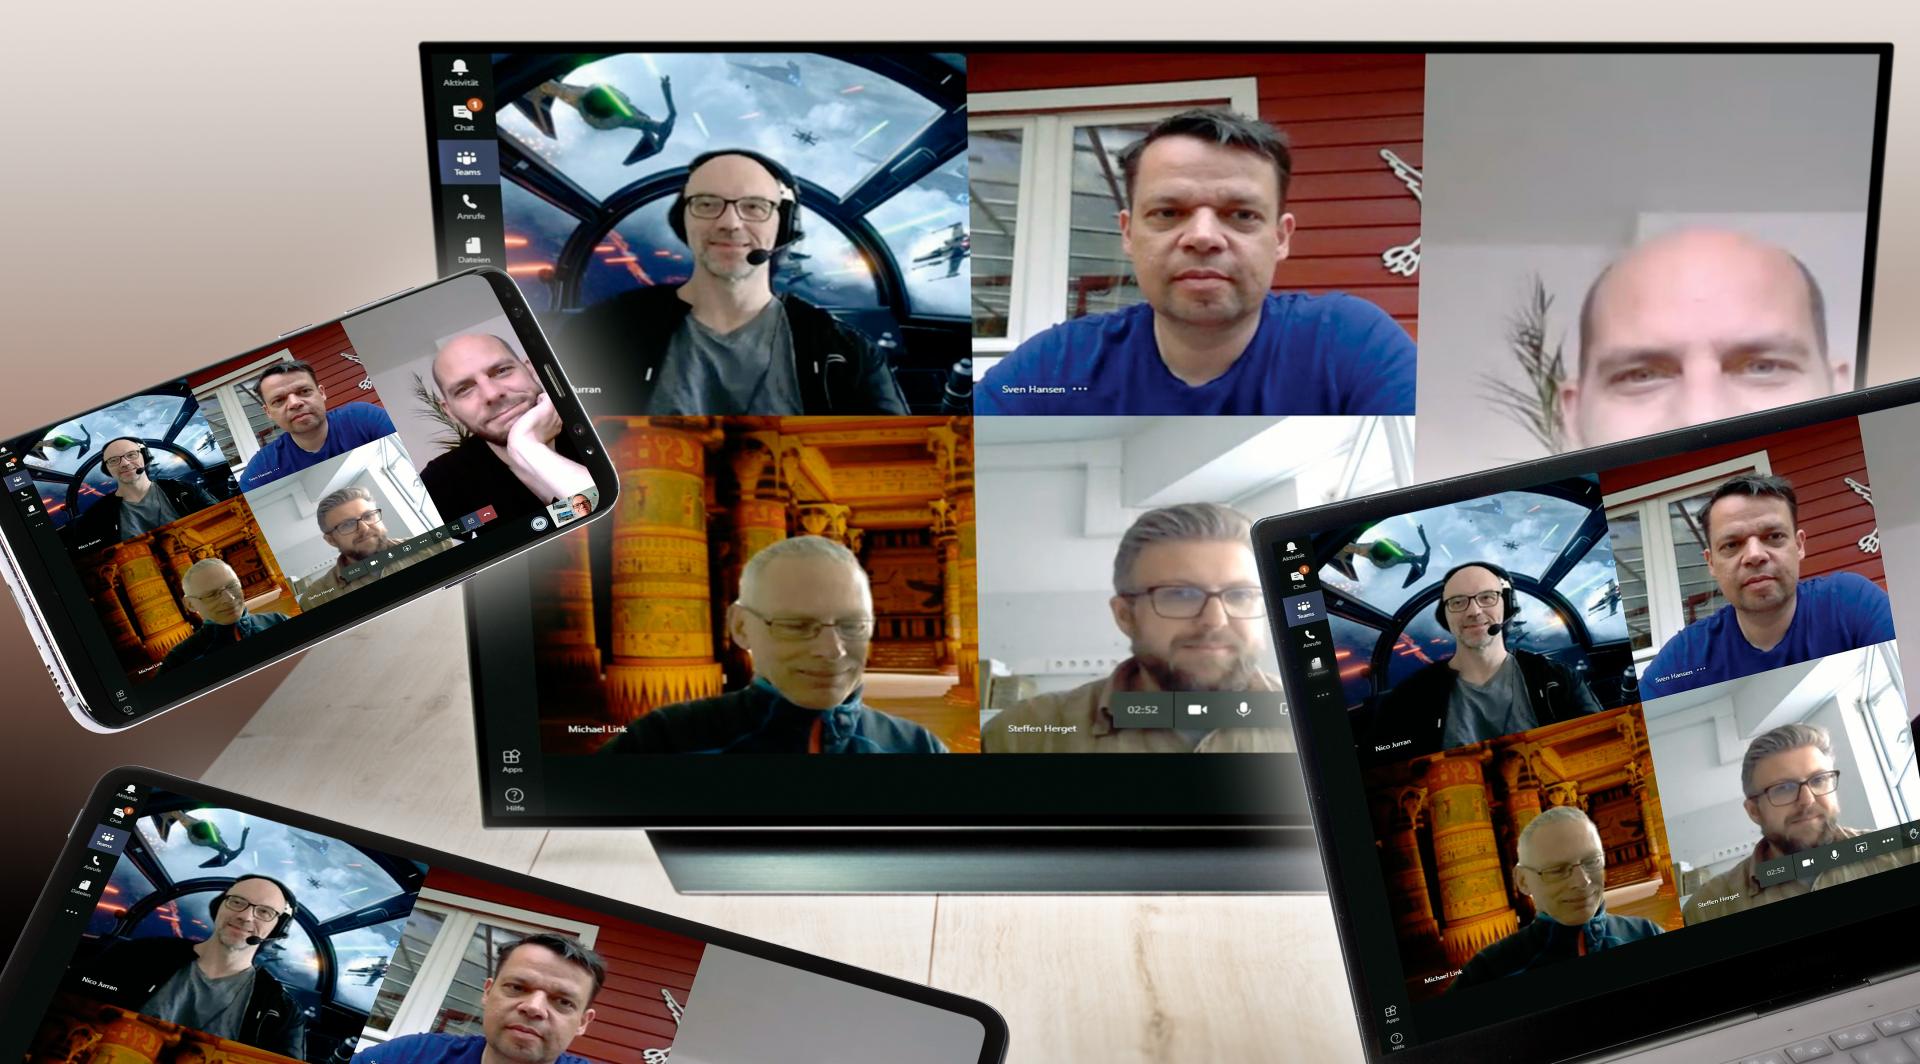 tv draadloos aansluiten op computer of smartphone tablet MiraCast casten